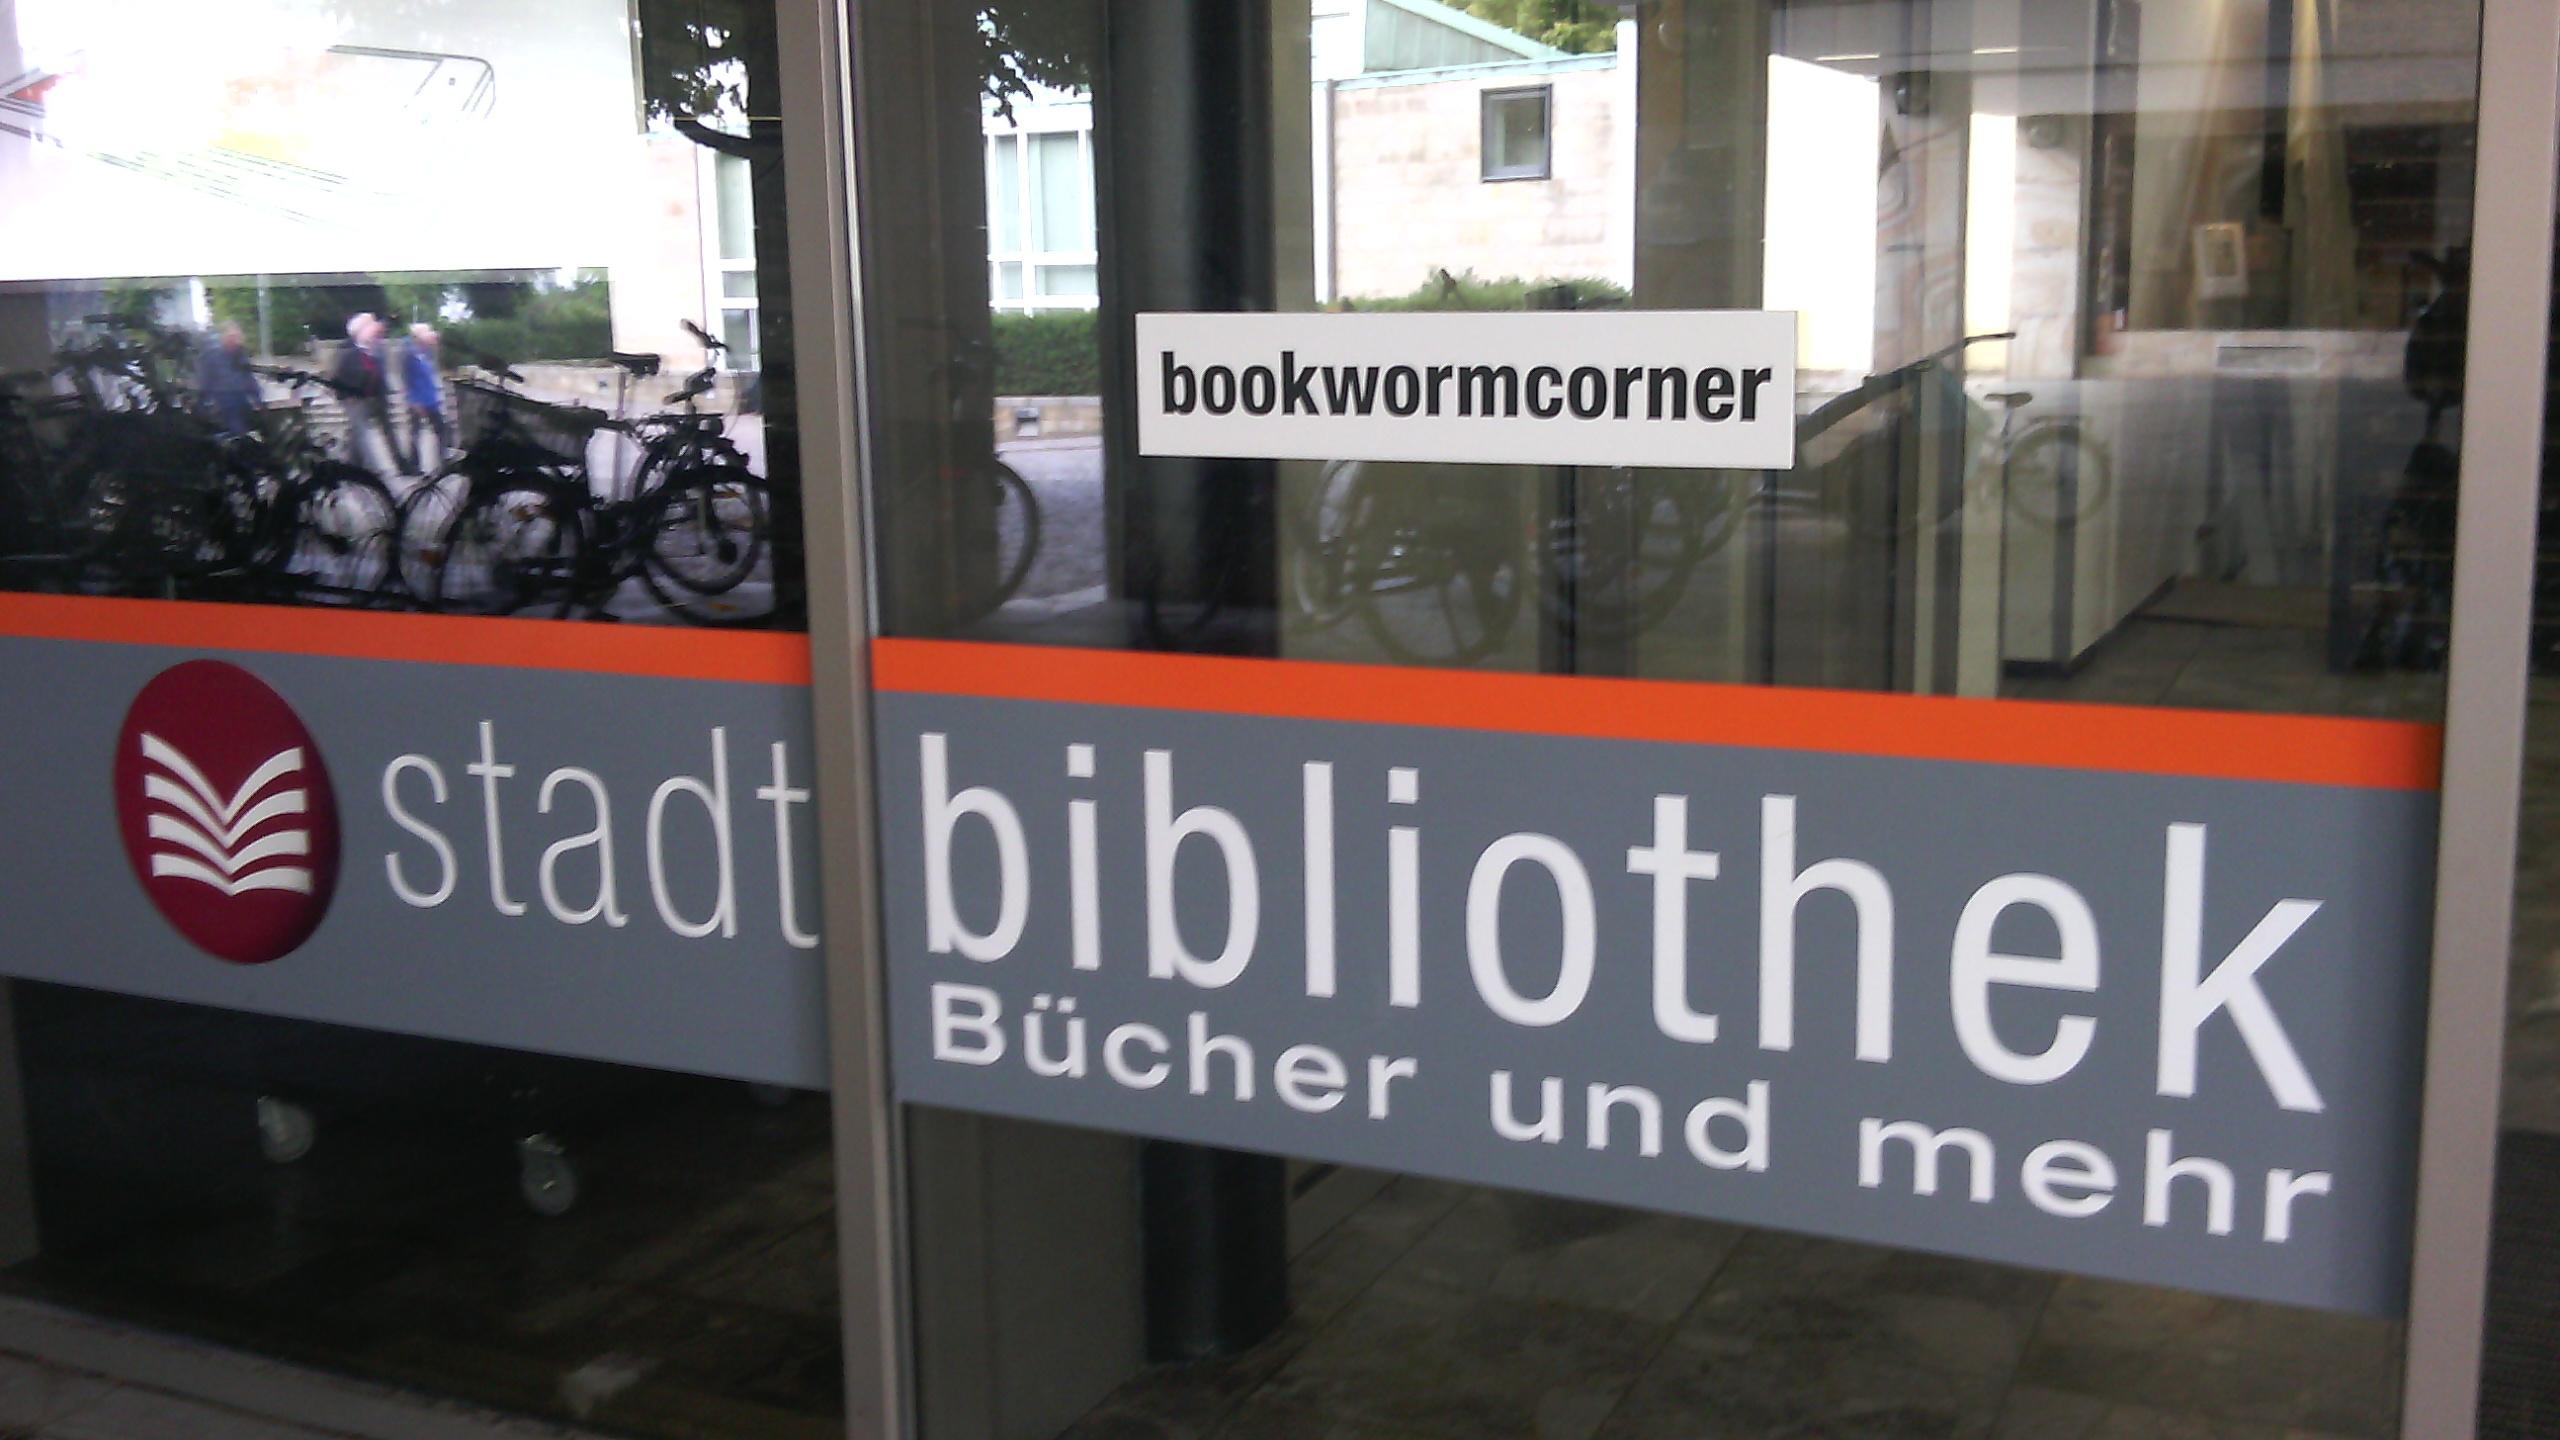 bookwormcorner